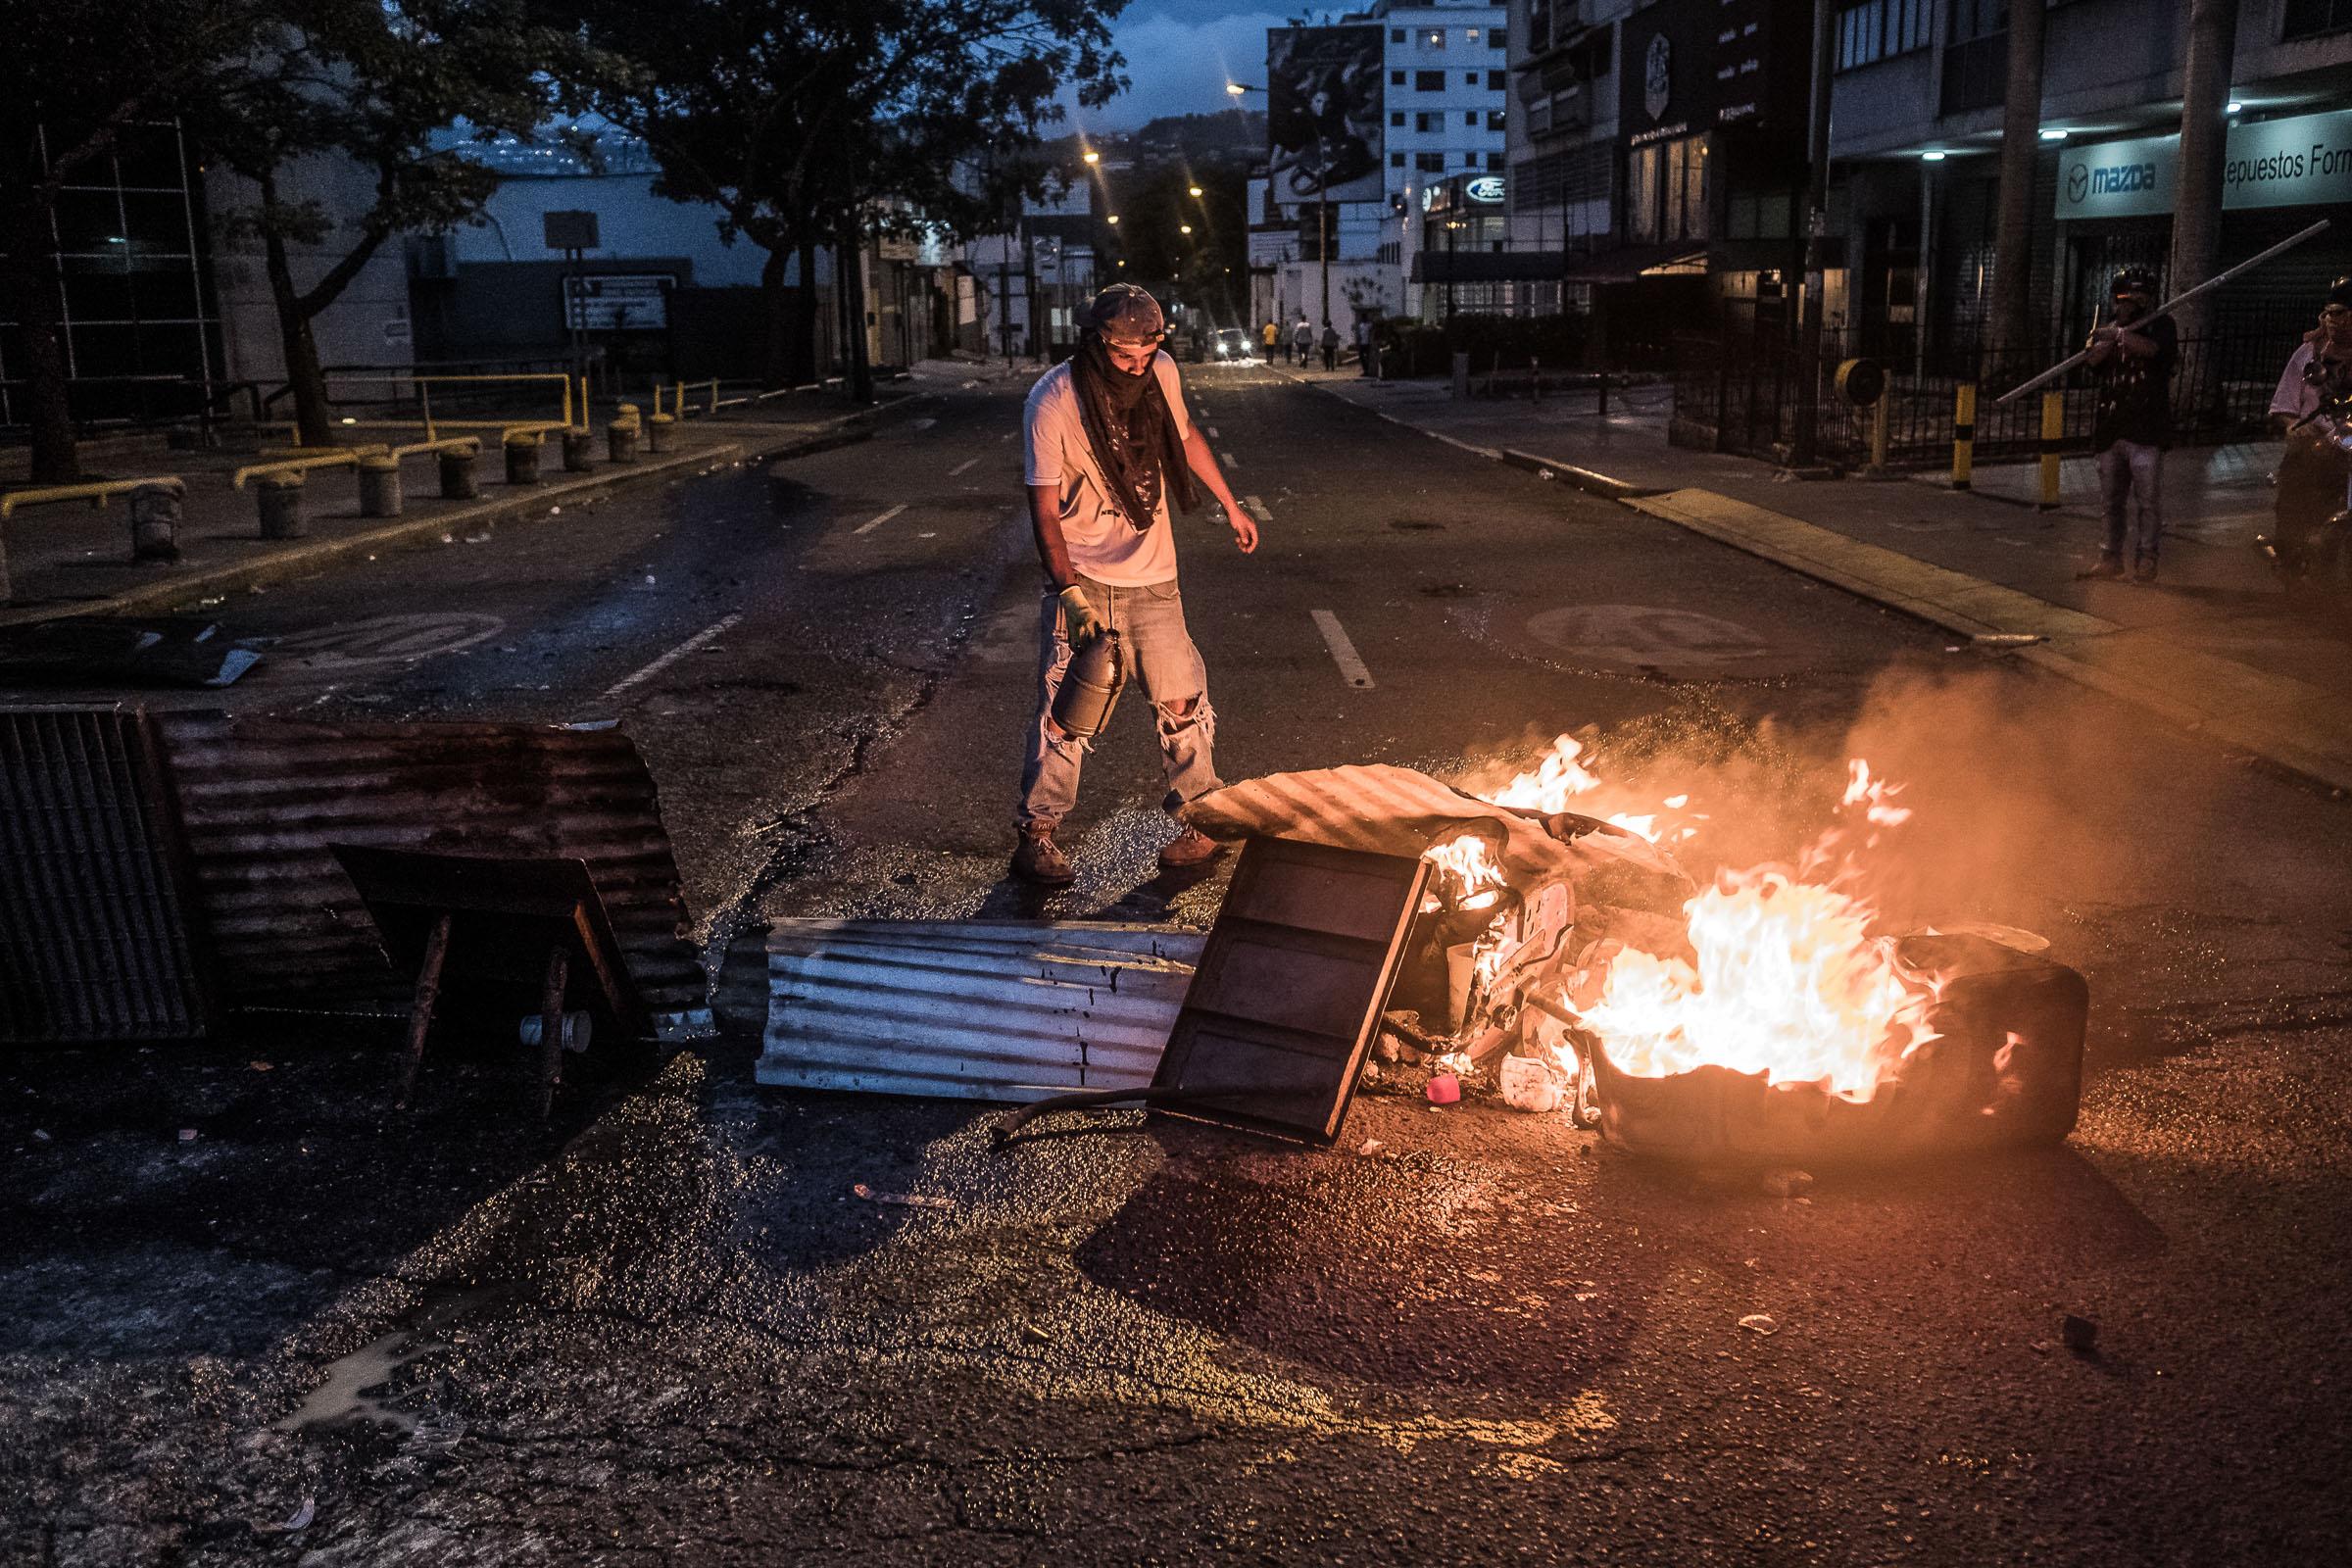 May 1, 2017 Caracas, Venezuela (Photo by Joris van Gennip/GroundTruth)